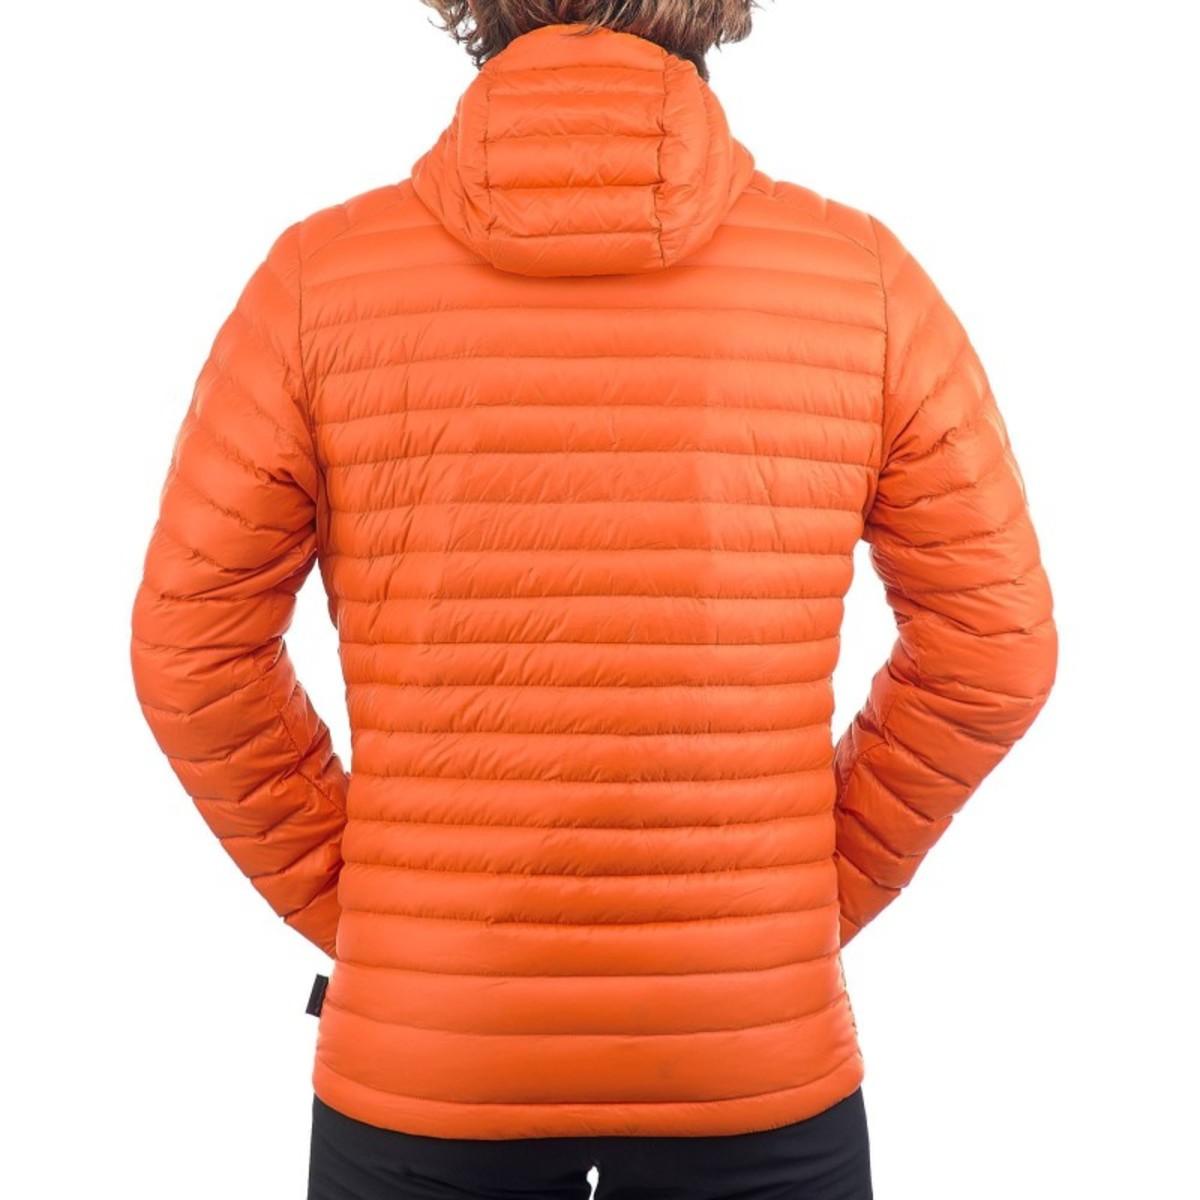 Bild 5 von QUECHUA Daunenjacke Full Down Herren orange, Größe: M